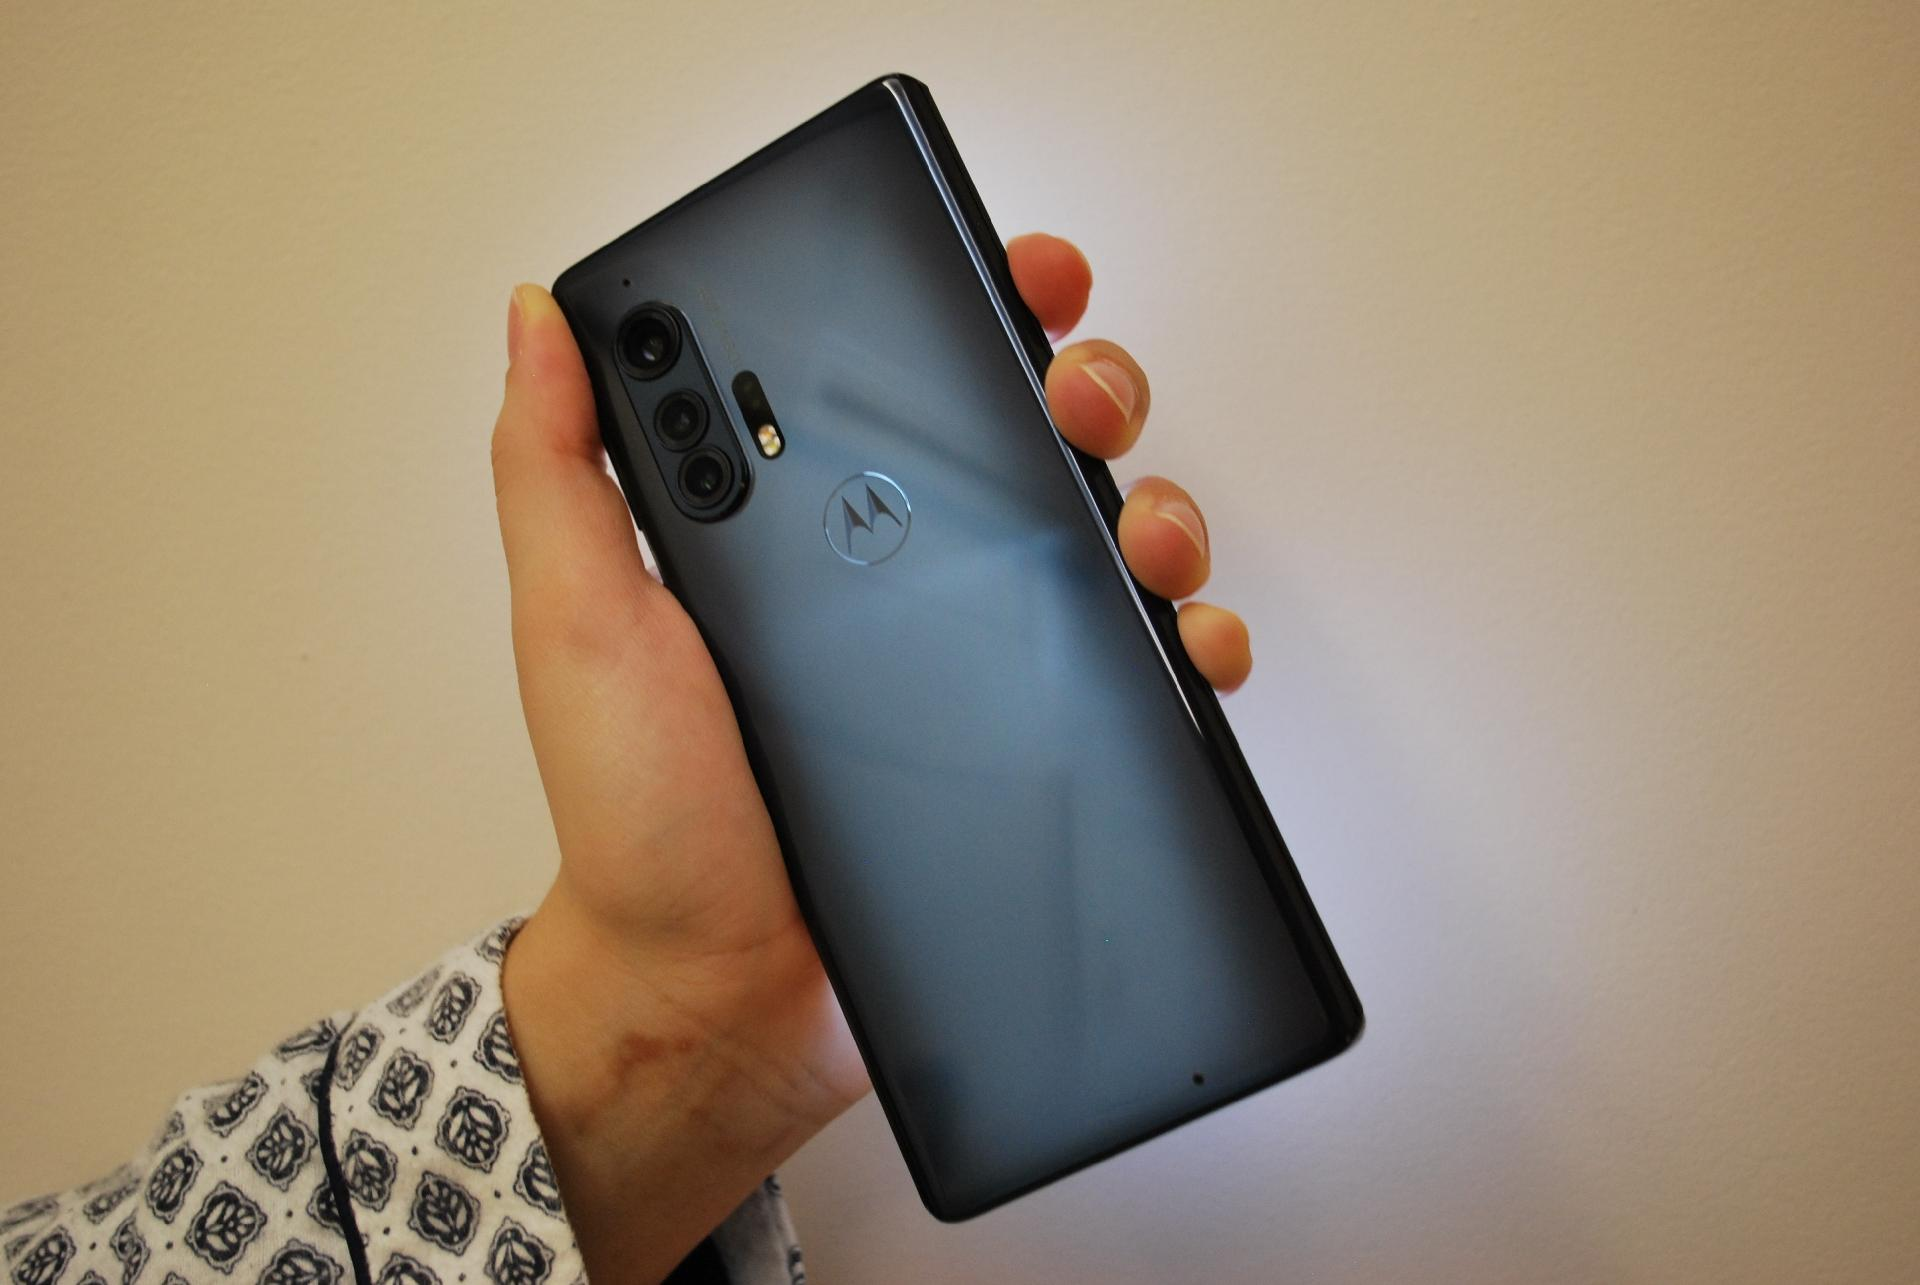 Motorola Edge+, primeiro smartphone top de linha da Motorola com tecnologia 5G lançado no Brasil - Rodrigo Trindade/UOL